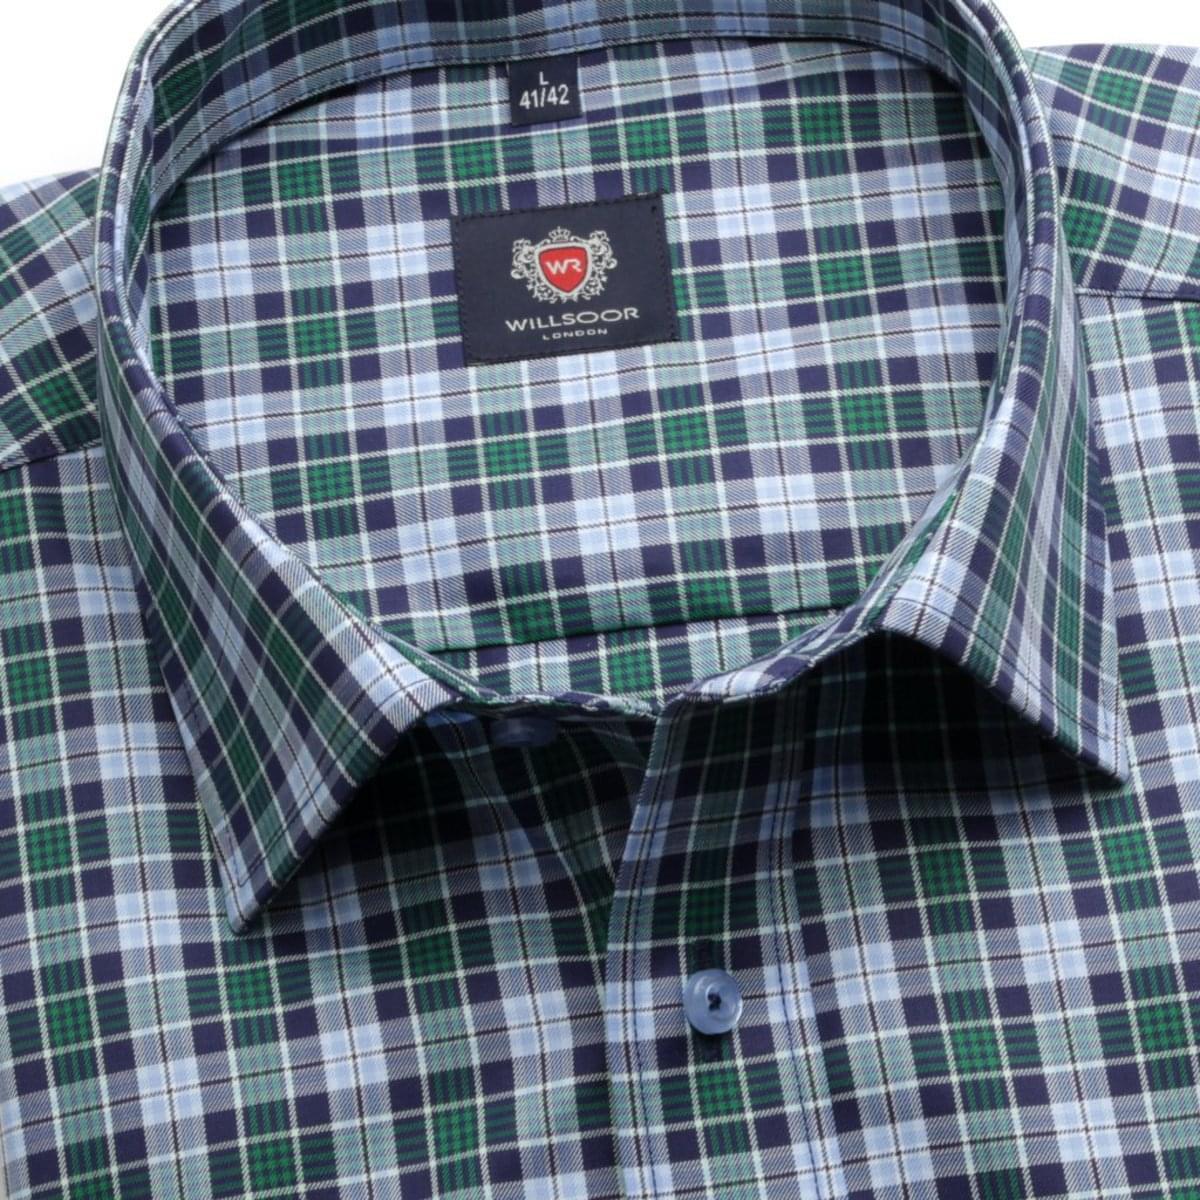 Pánská klasická košile London (výška 176-182) 6257 s barevnou kostkou a formulí Easy Care 176-182 / L (41/42)